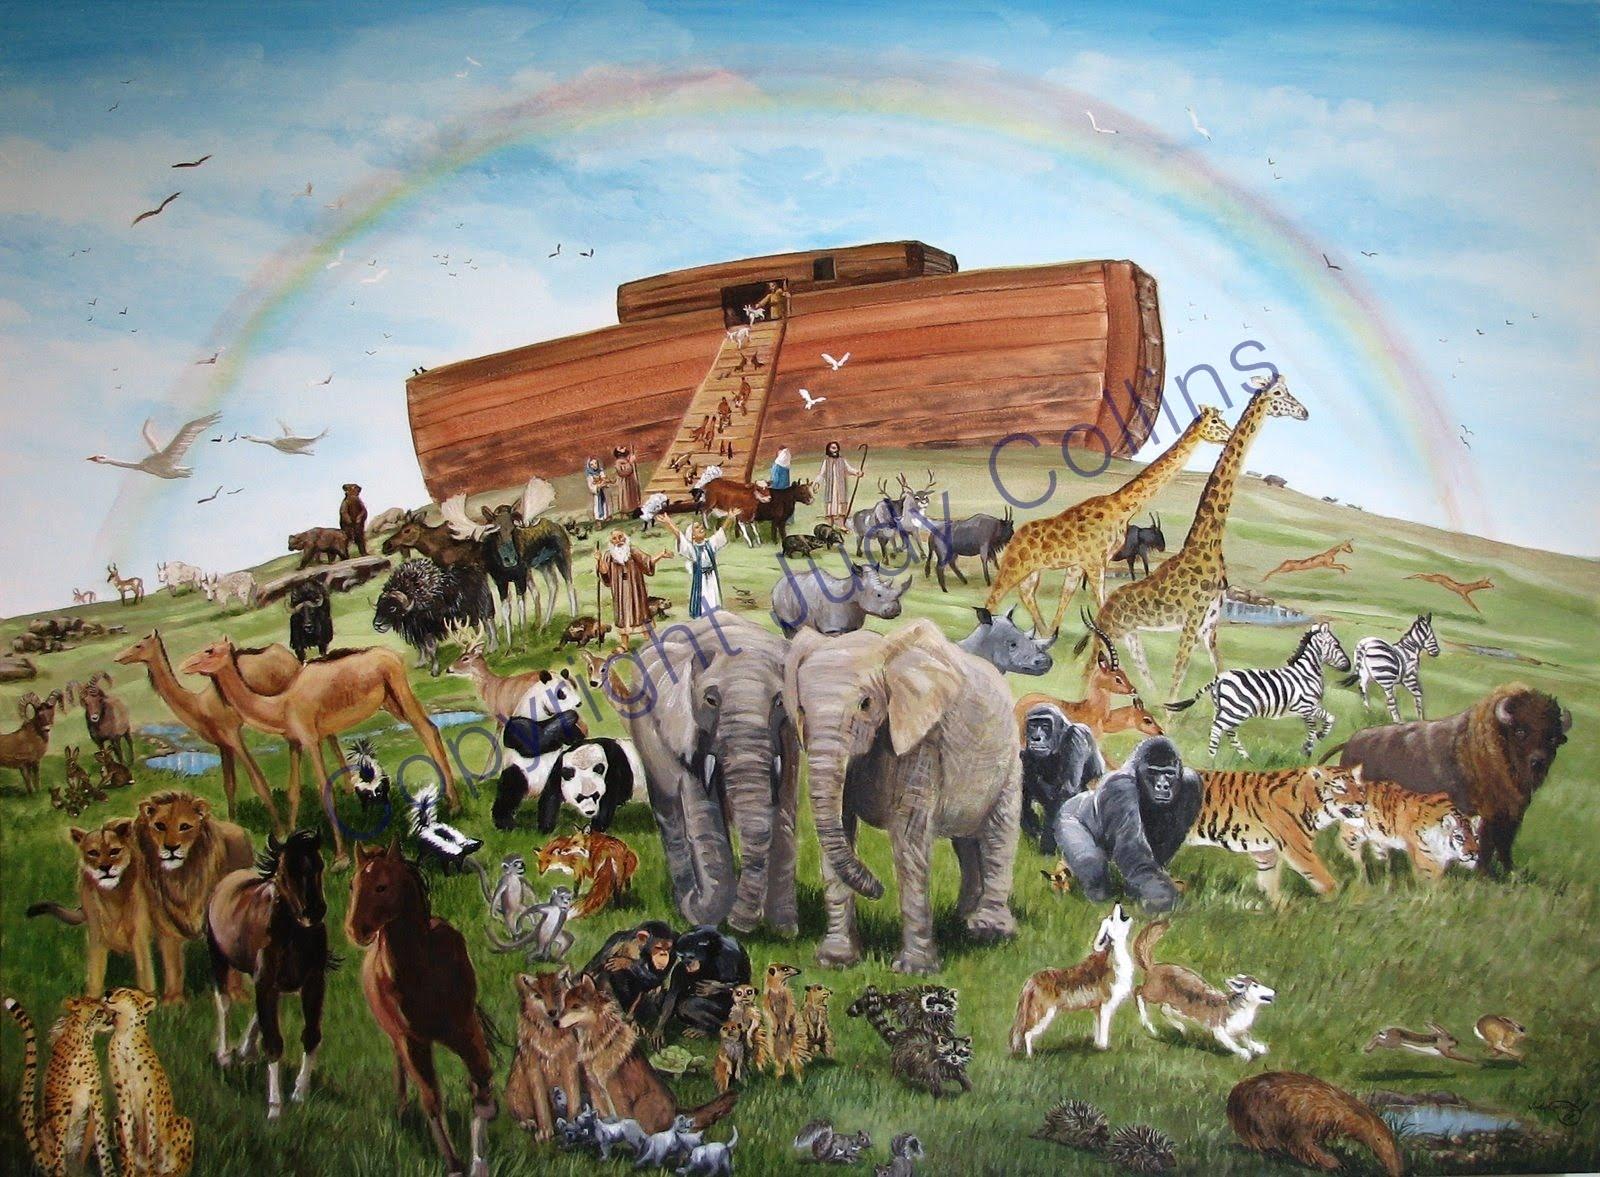 عظات العلامة اوريجانوس عن سفينة نوح Origen homilies on noah s ark - من سلسلة آباء الكنيسة